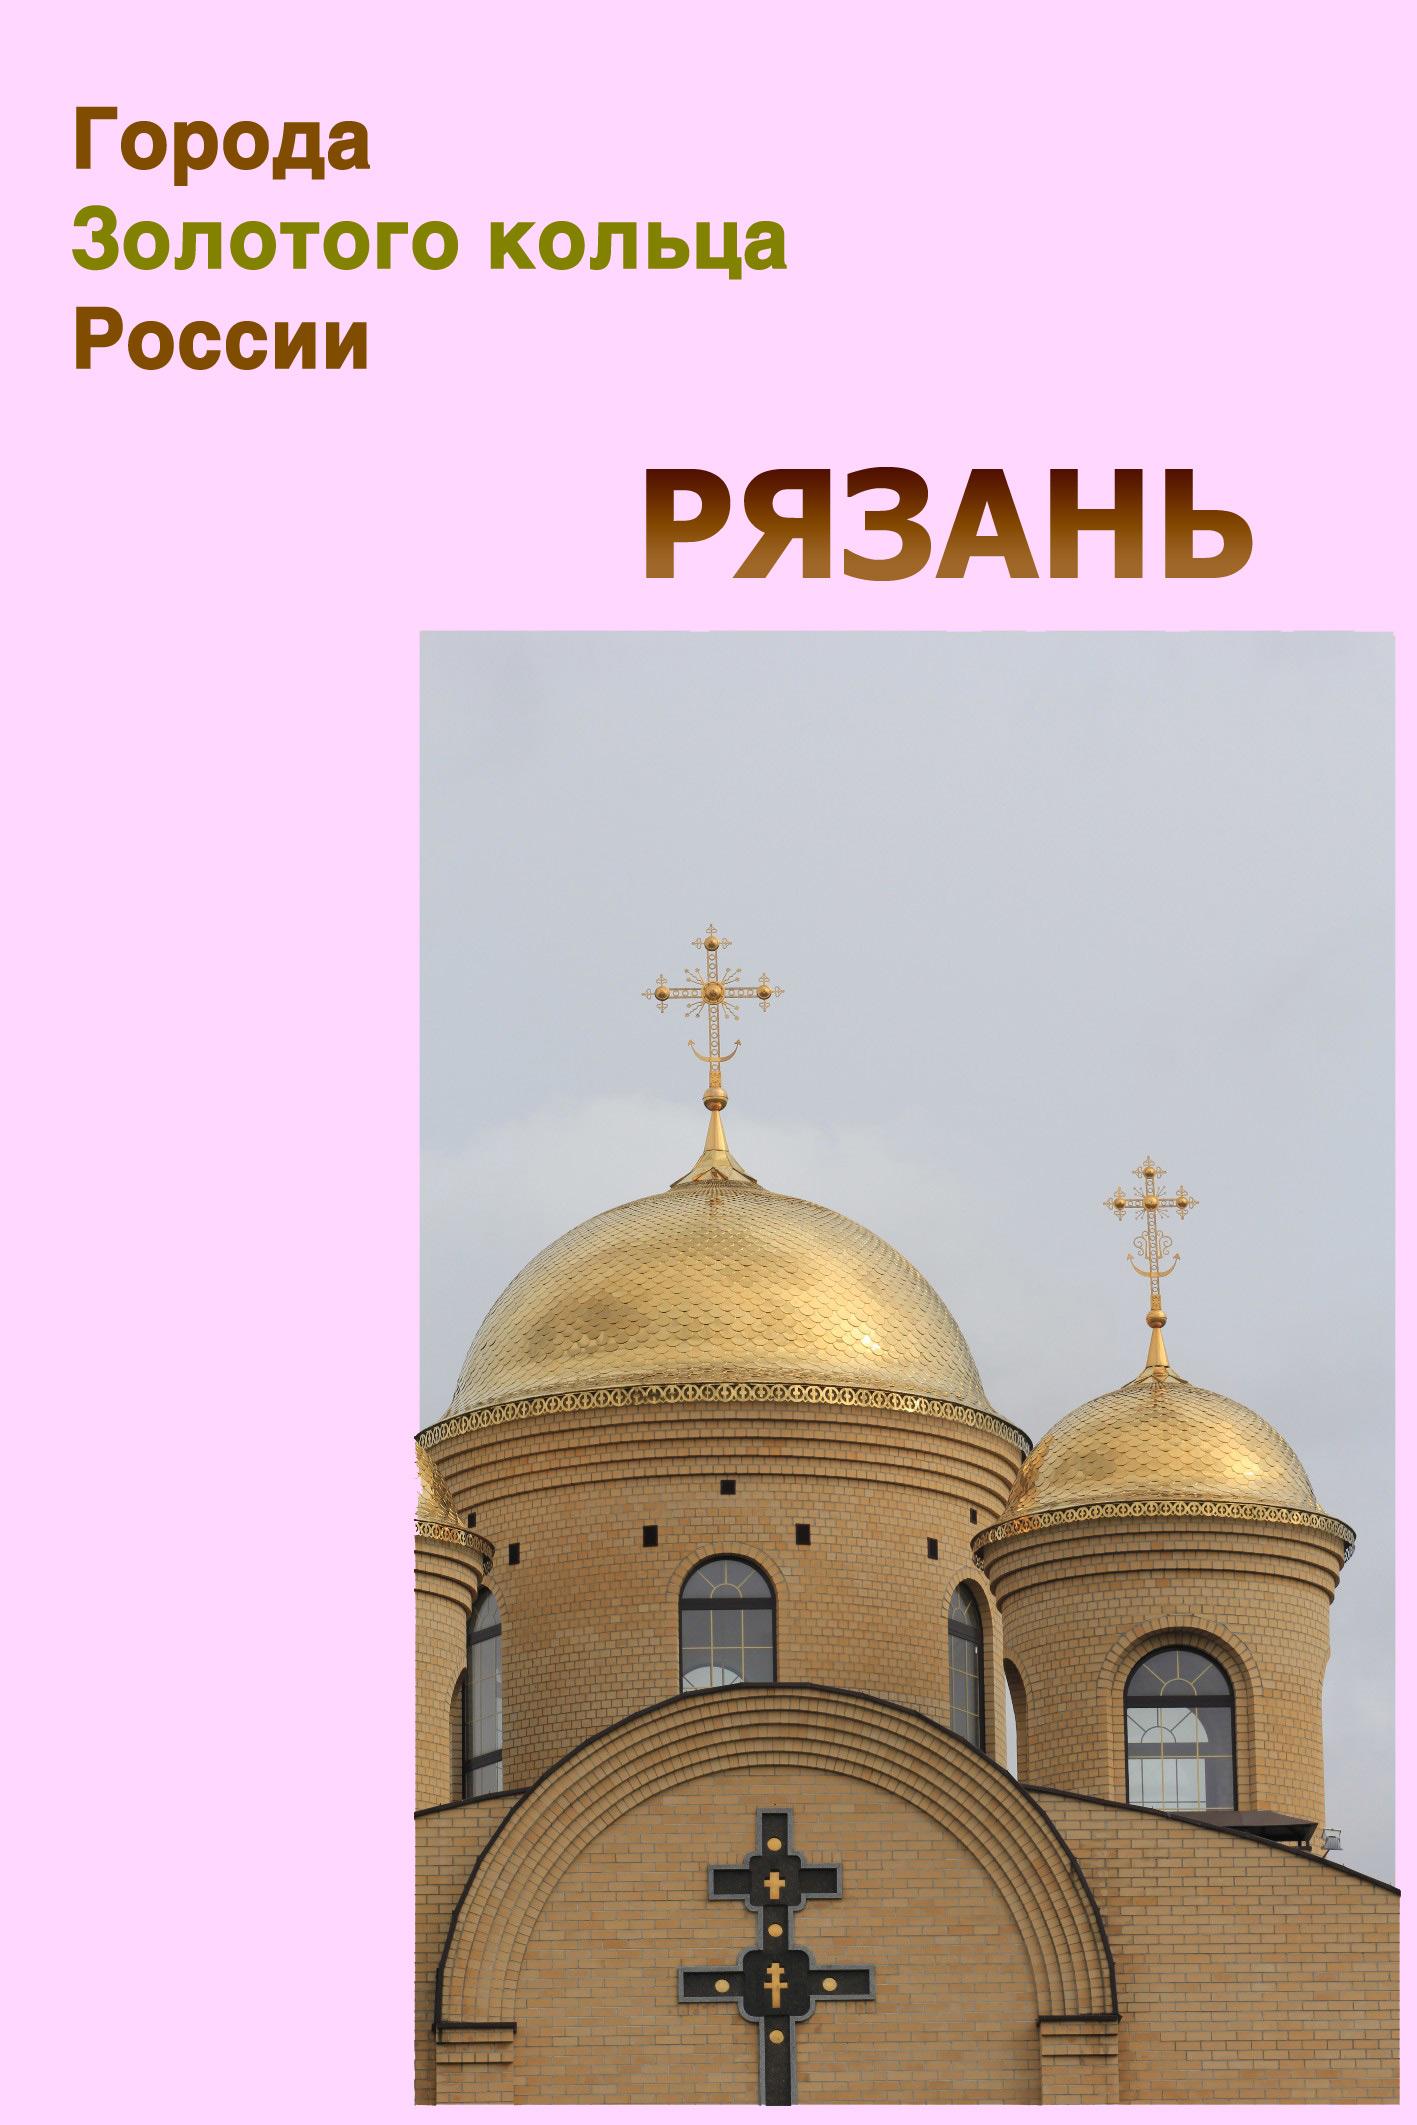 Отсутствует Рязань елена имена женщин россии